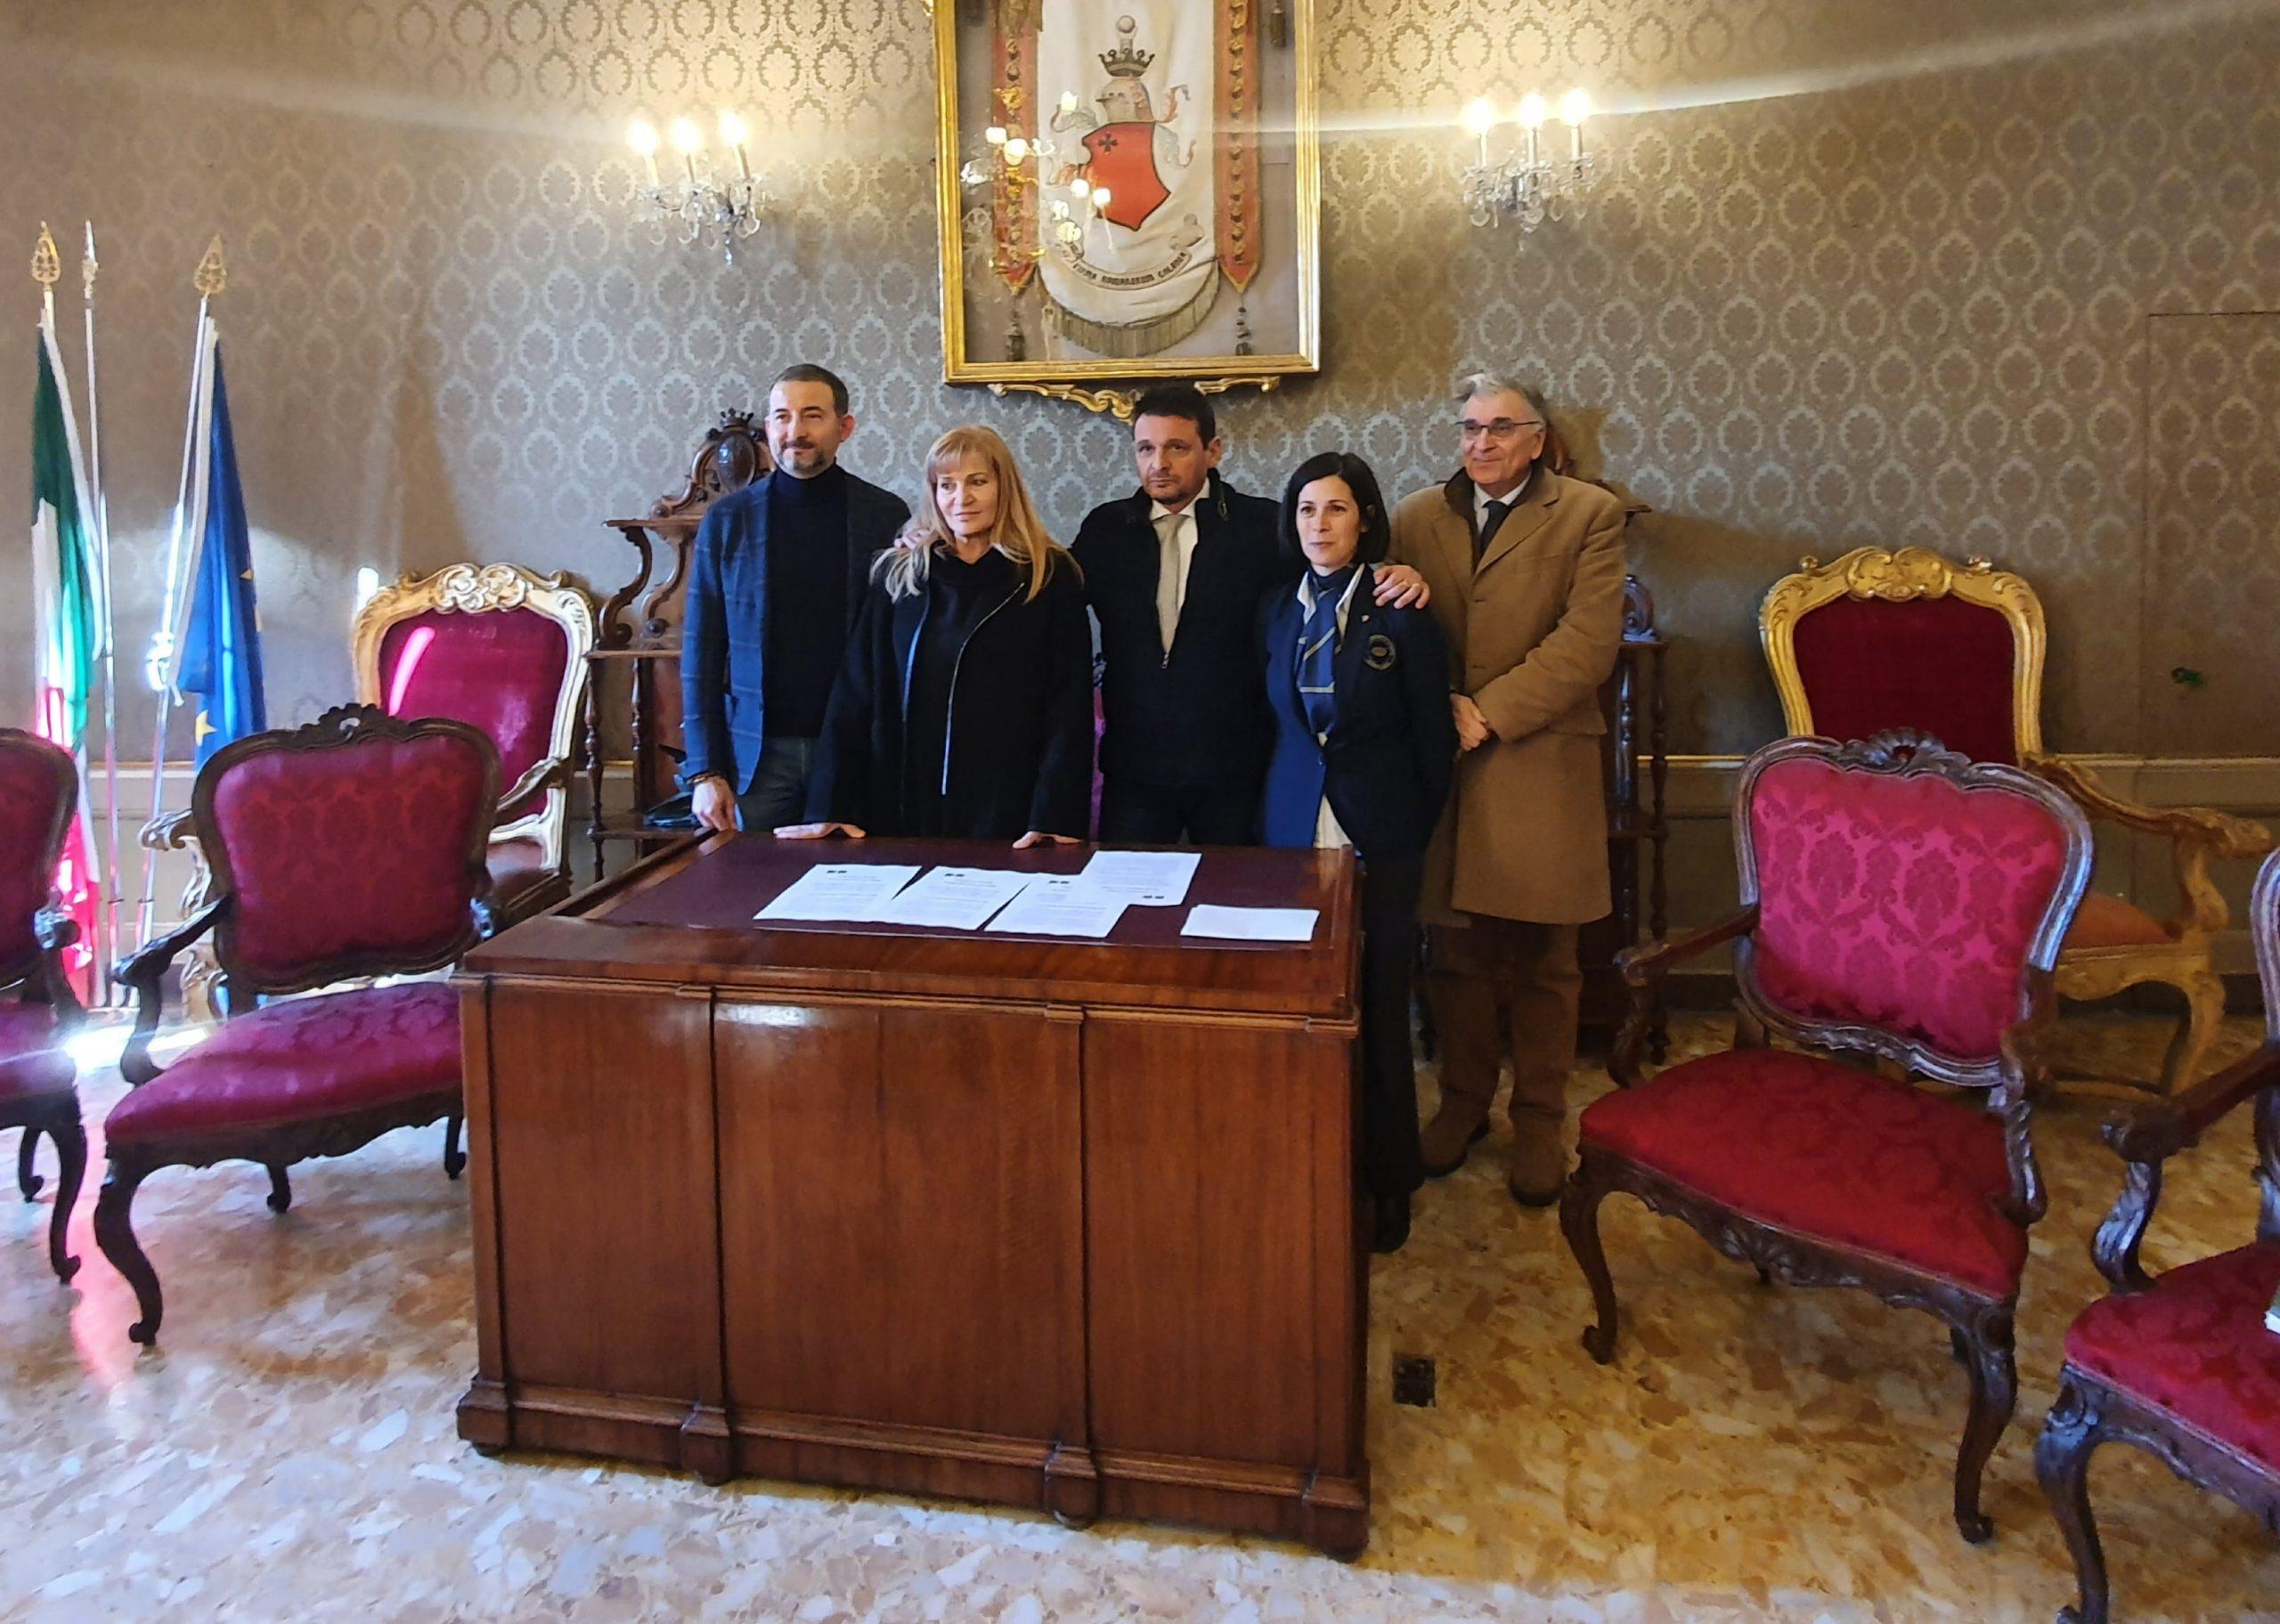 San Martino d'Oro 2020